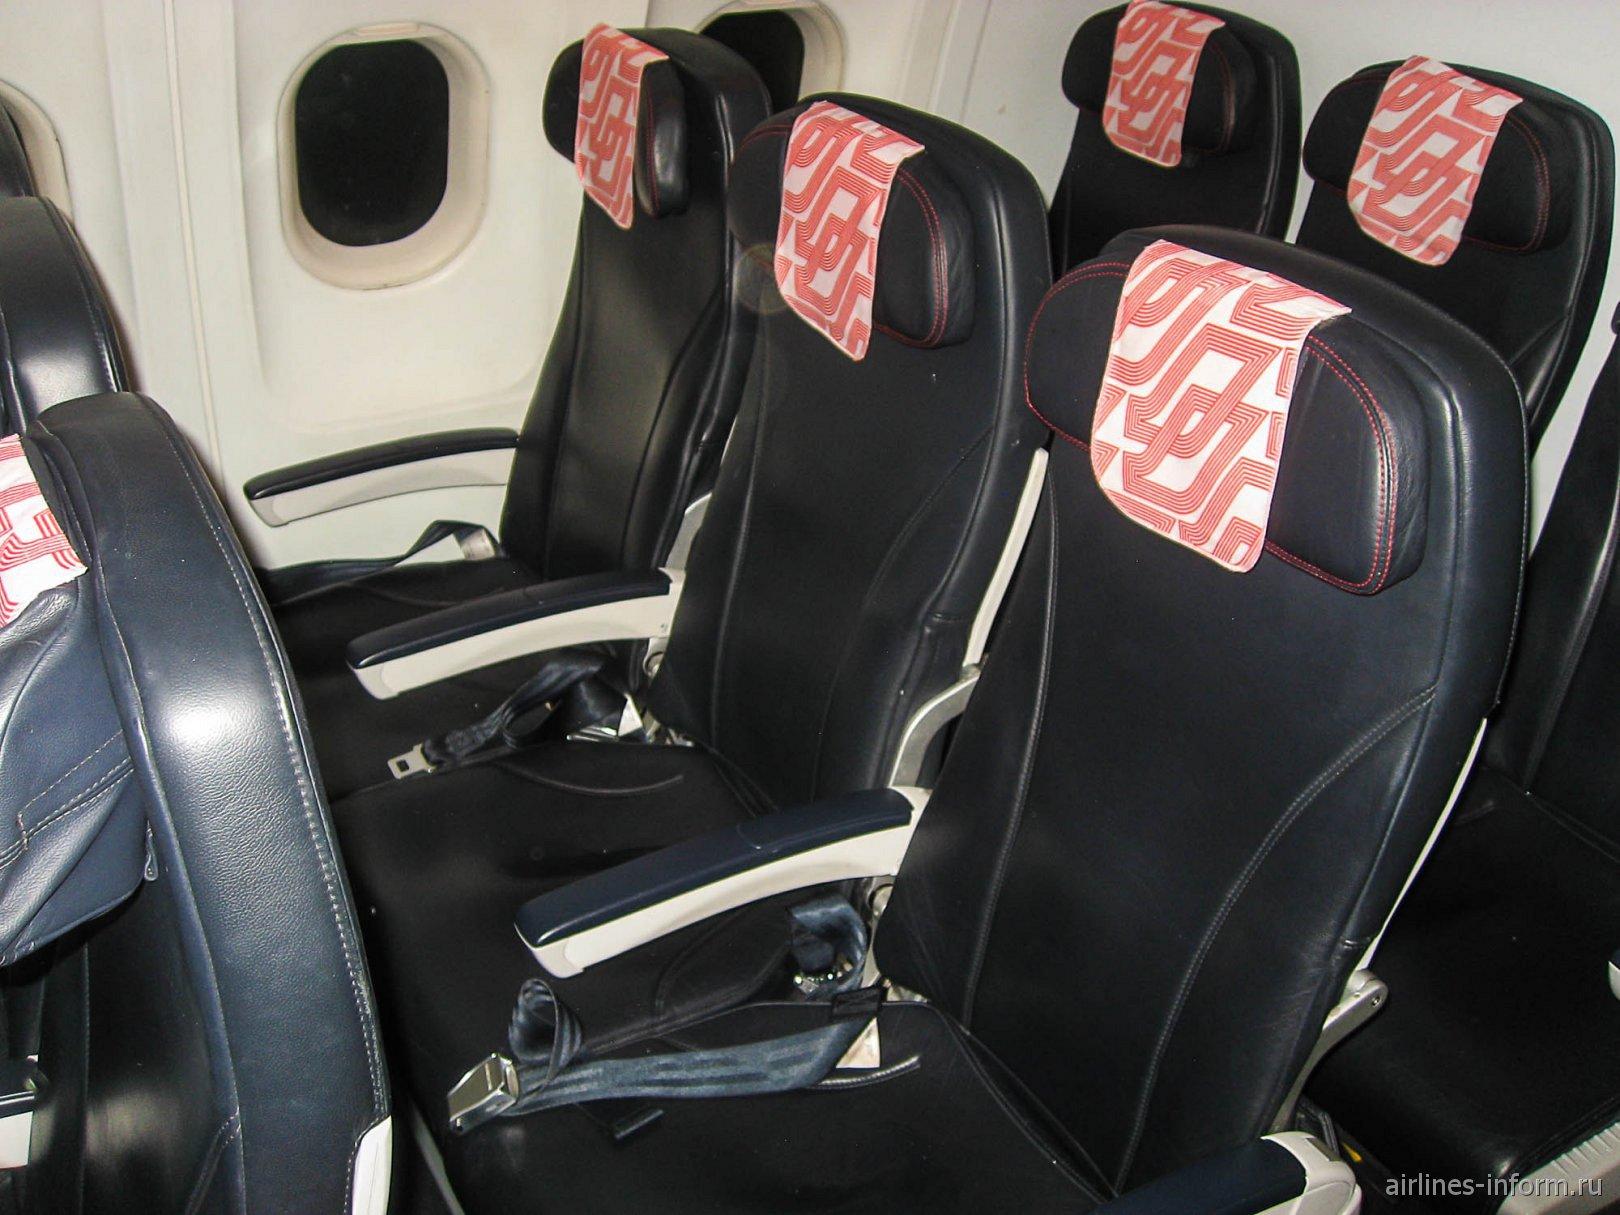 Пассажирские кресла в самолете Airbus A319 авиакомпании Air France